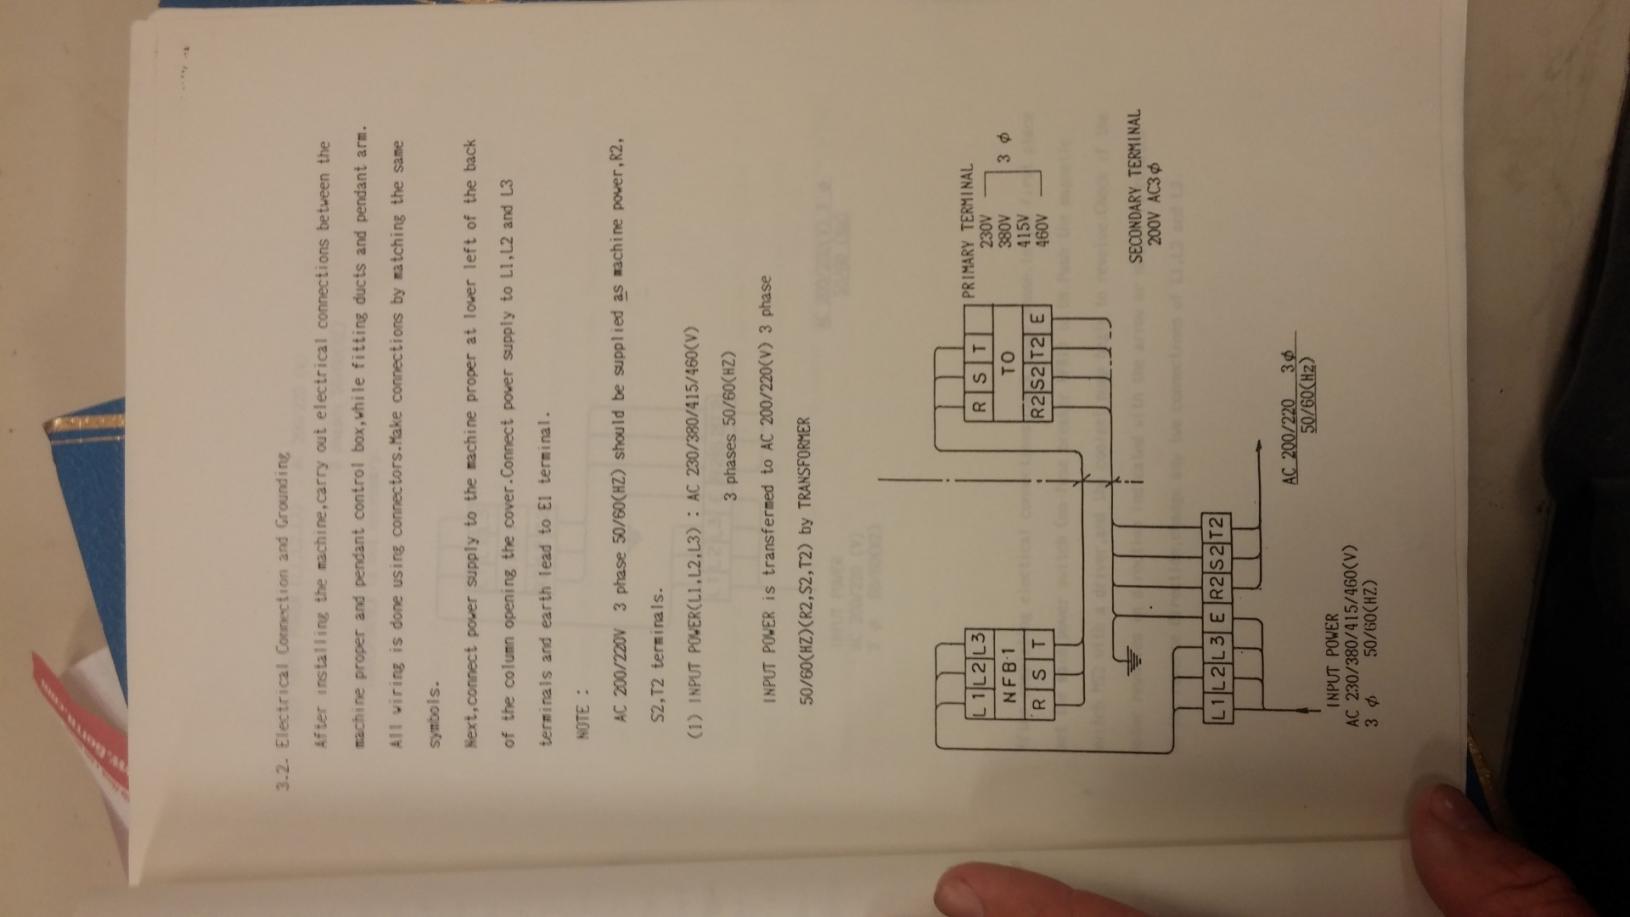 kit200v.jpg kit230v.jpg ... High Leg Terminal In Diagram ...